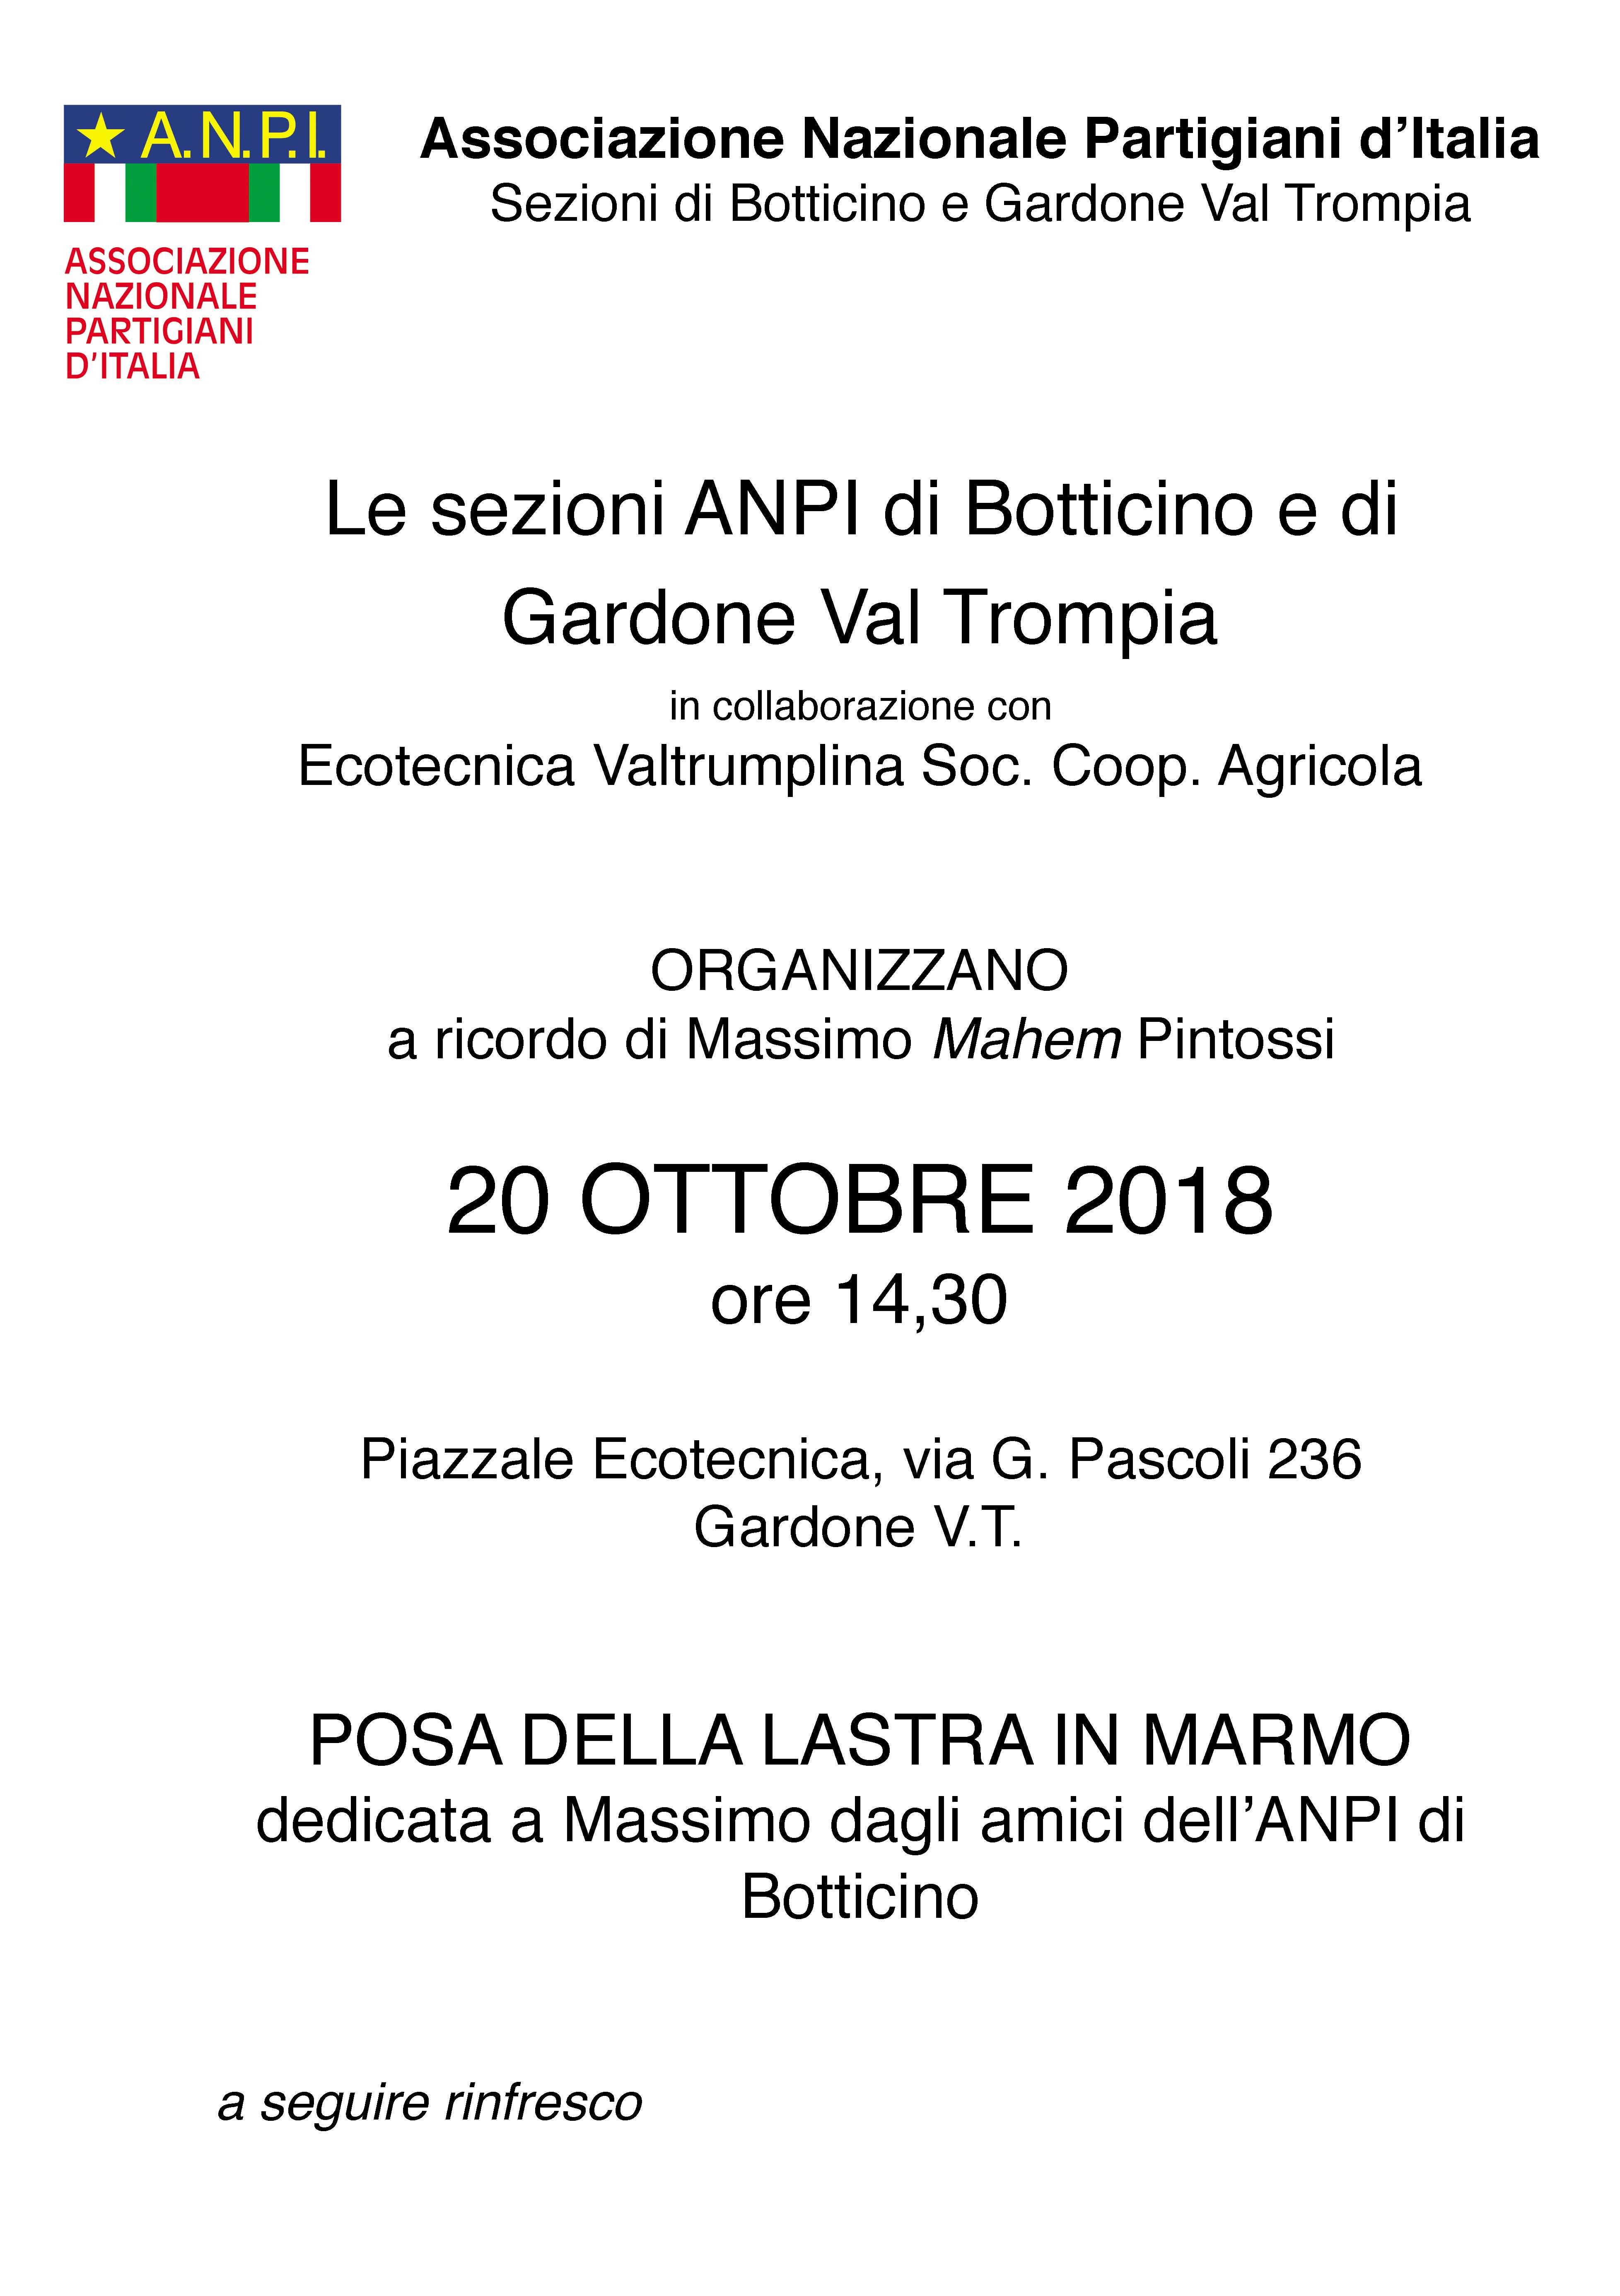 z 2018 10 20 - ANPI Botticino